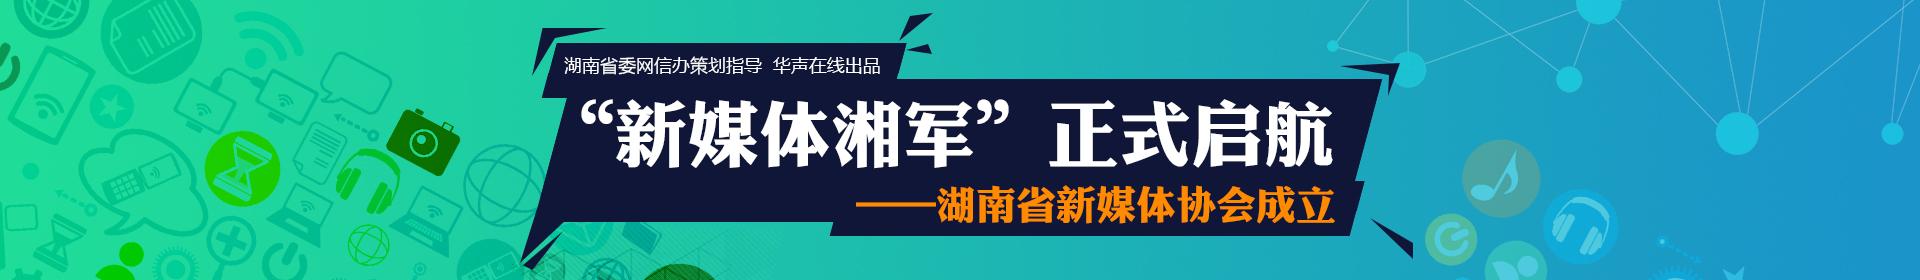 湖南新媒体协会成立